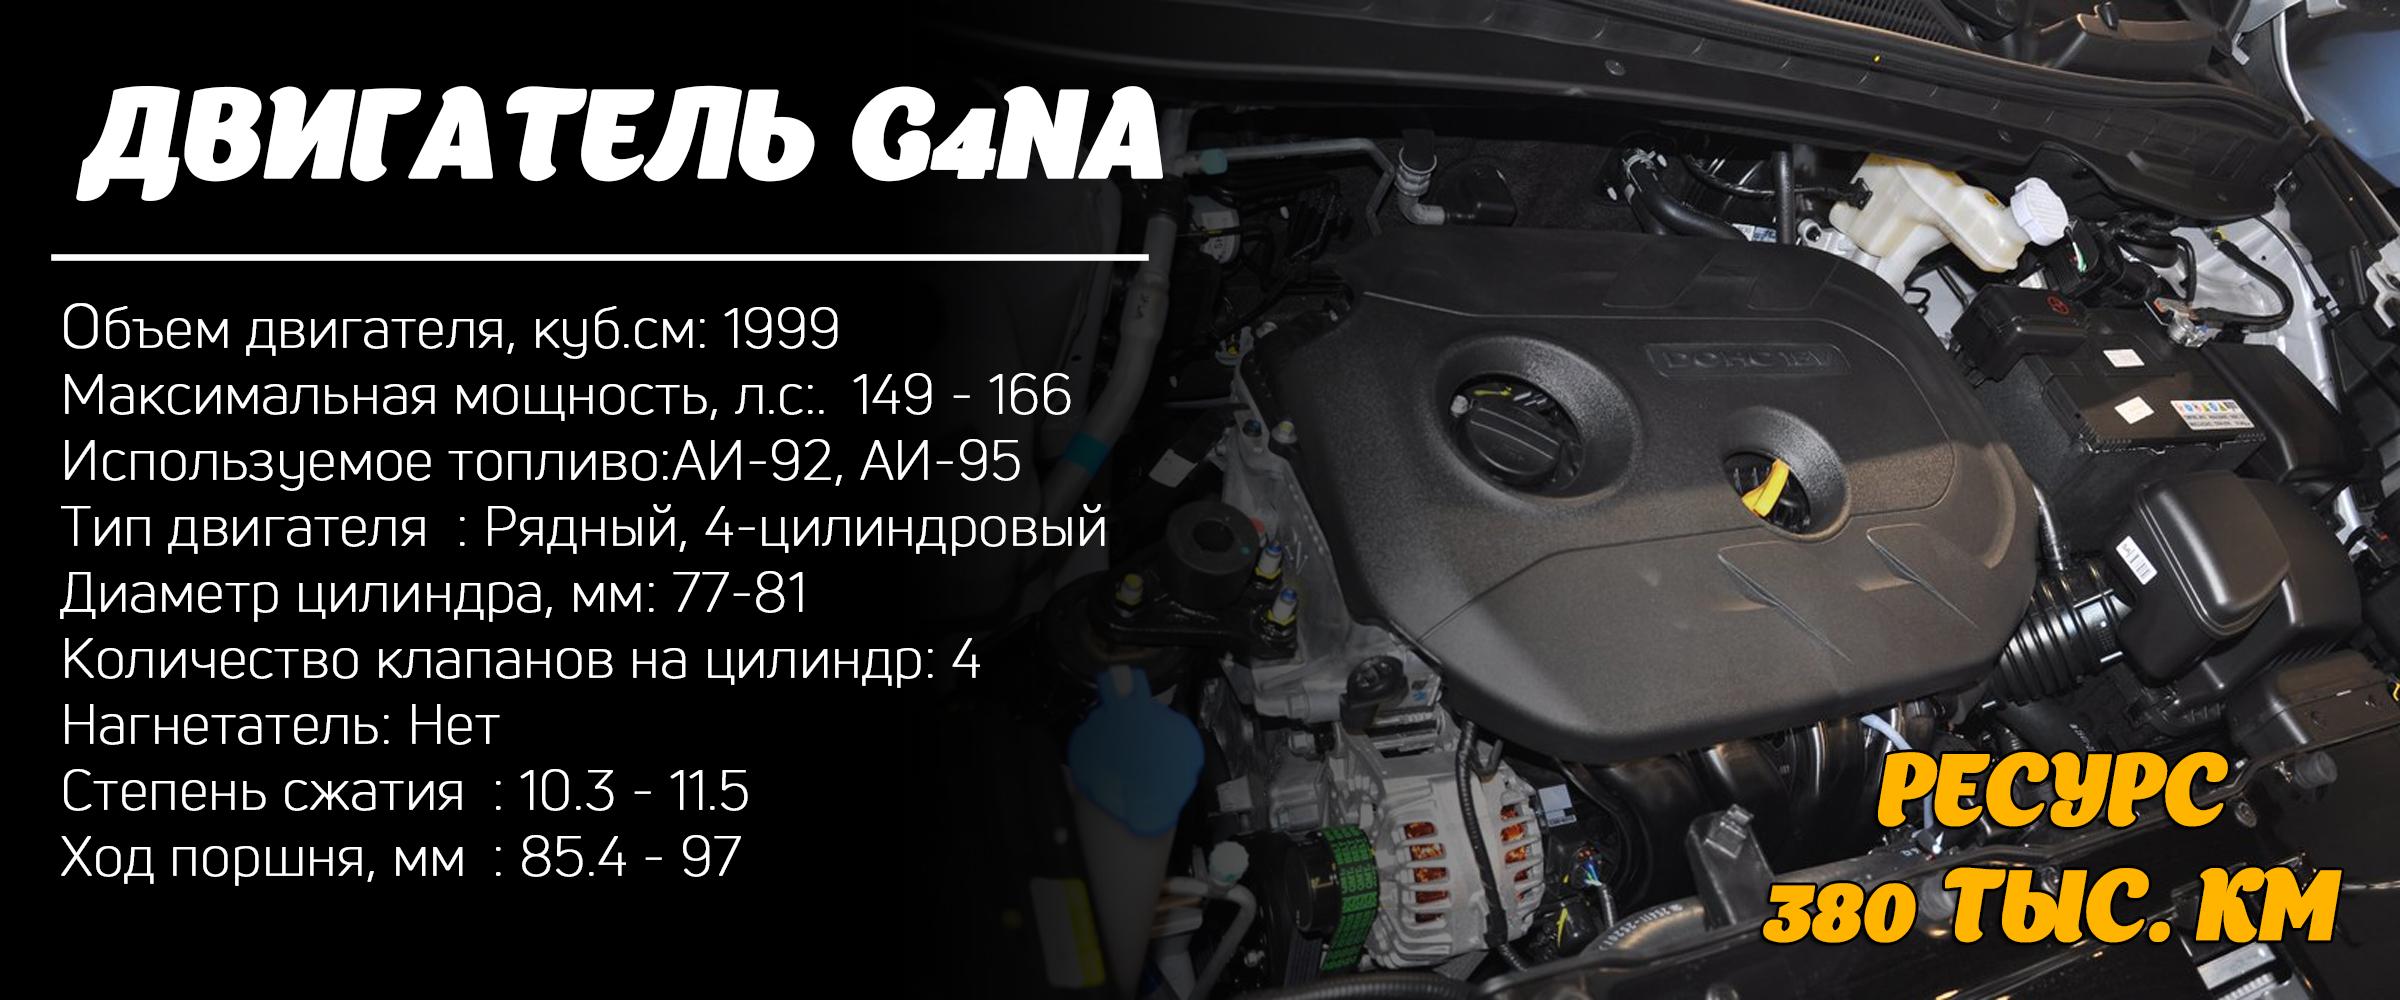 Двигатель G4NA: характеристики и максимальный ресурс